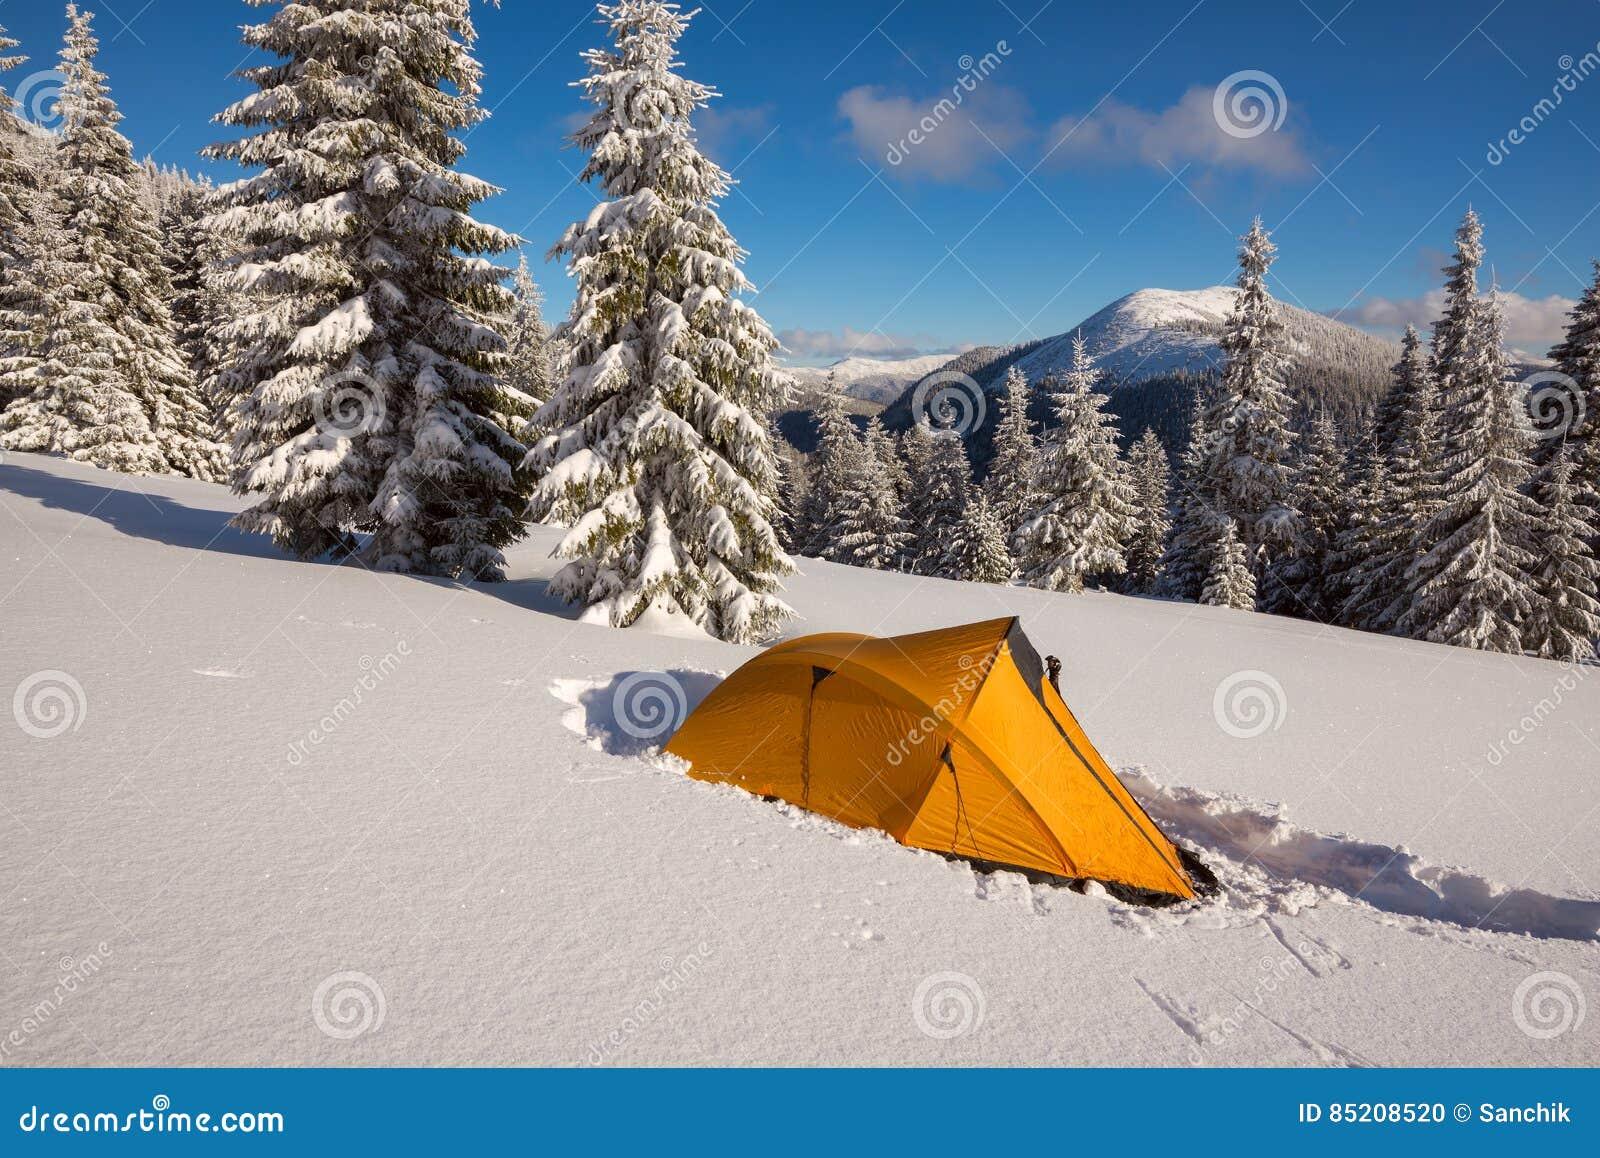 Barraca amarela brilhante no prado alpino entre os abetos cobertos de neve